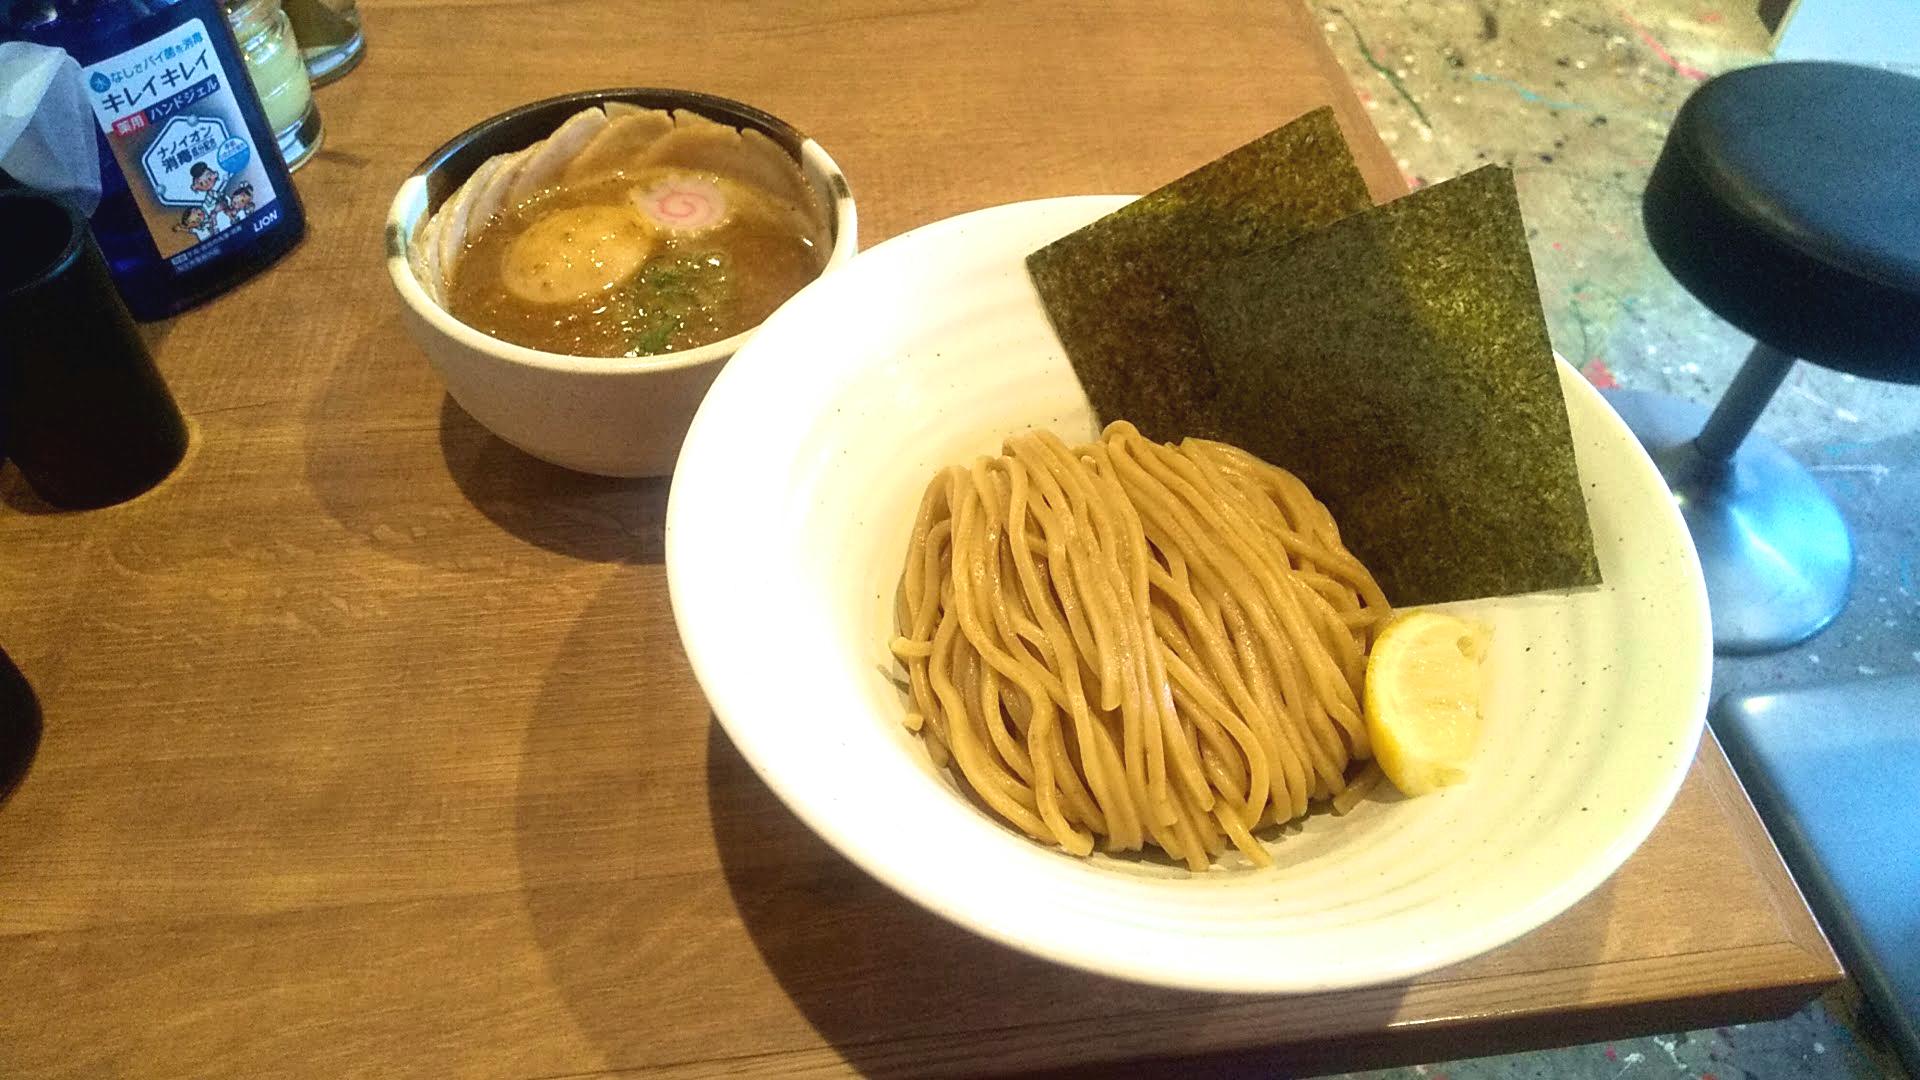 つけ麺まぜそば大やまの特製濃厚魚介豚骨つけ麺の写真